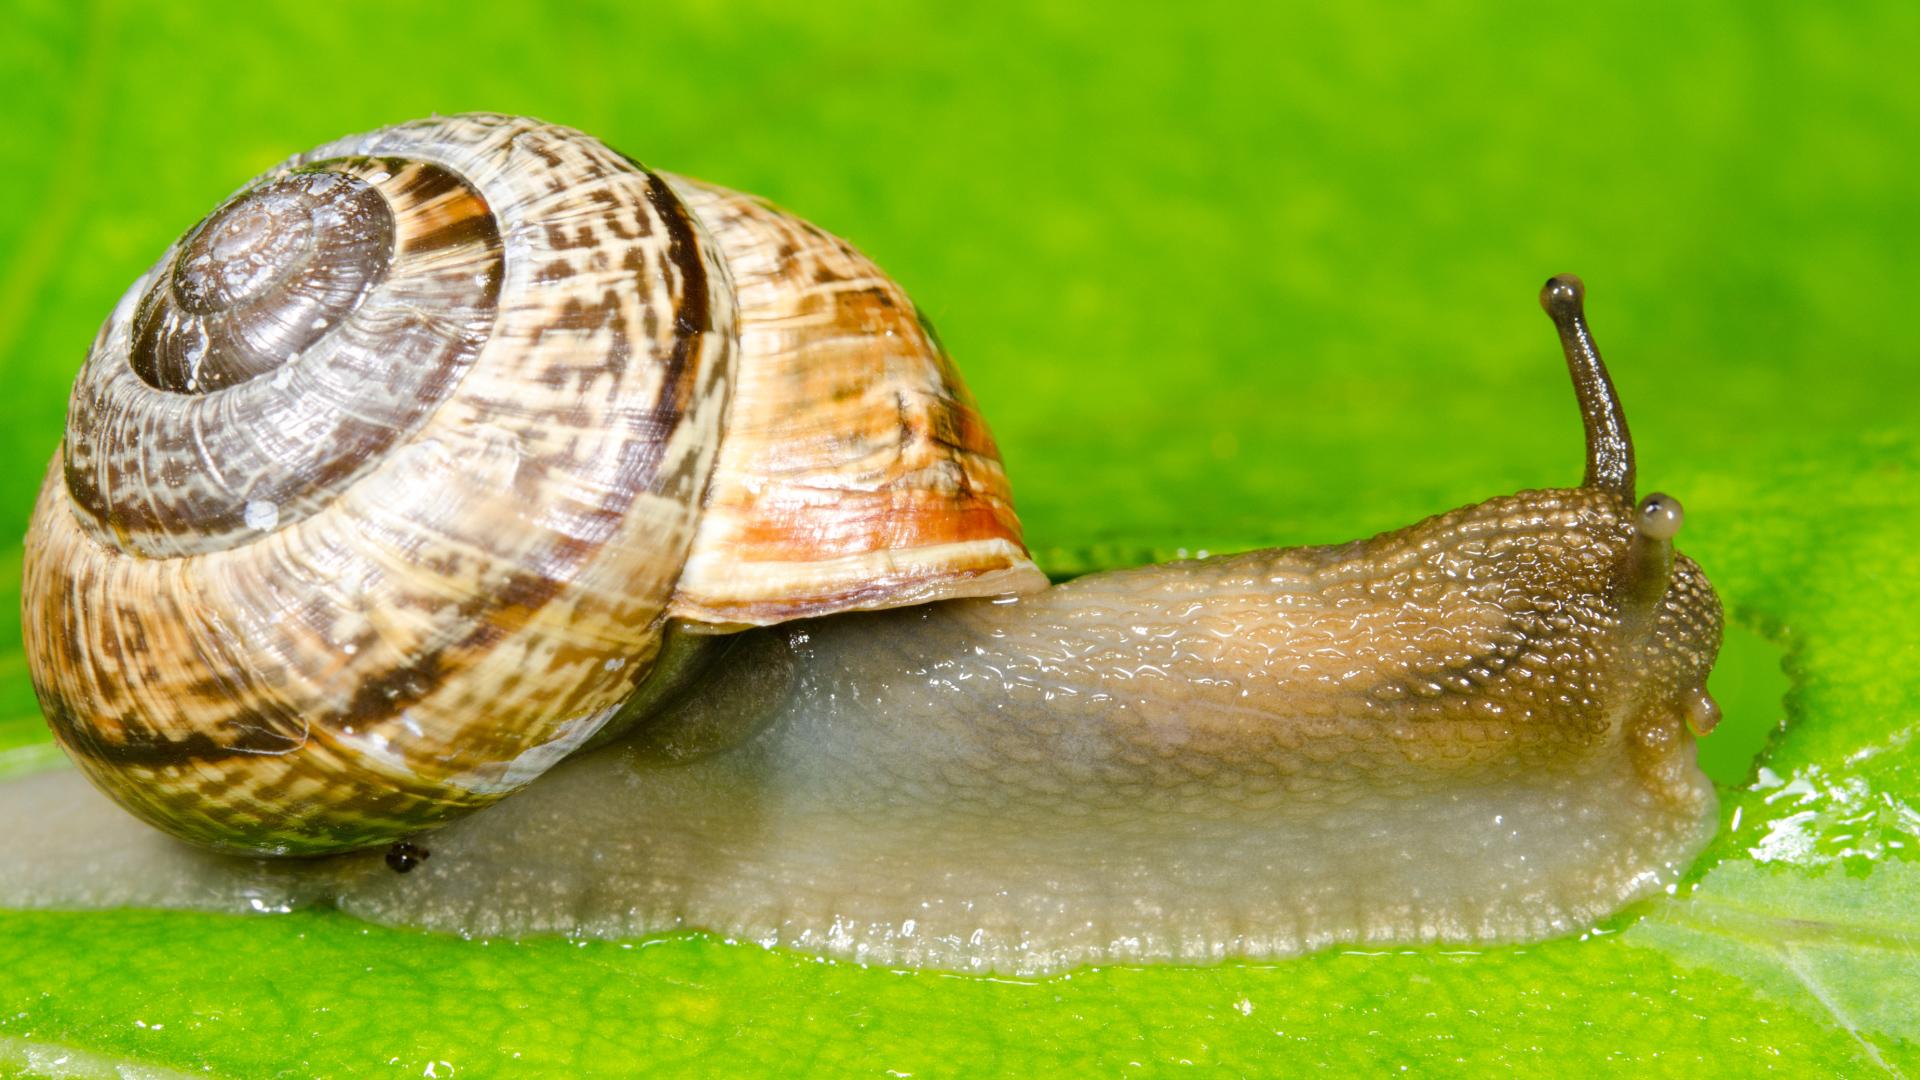 Domowe sposoby na pozbycie się ślimaków